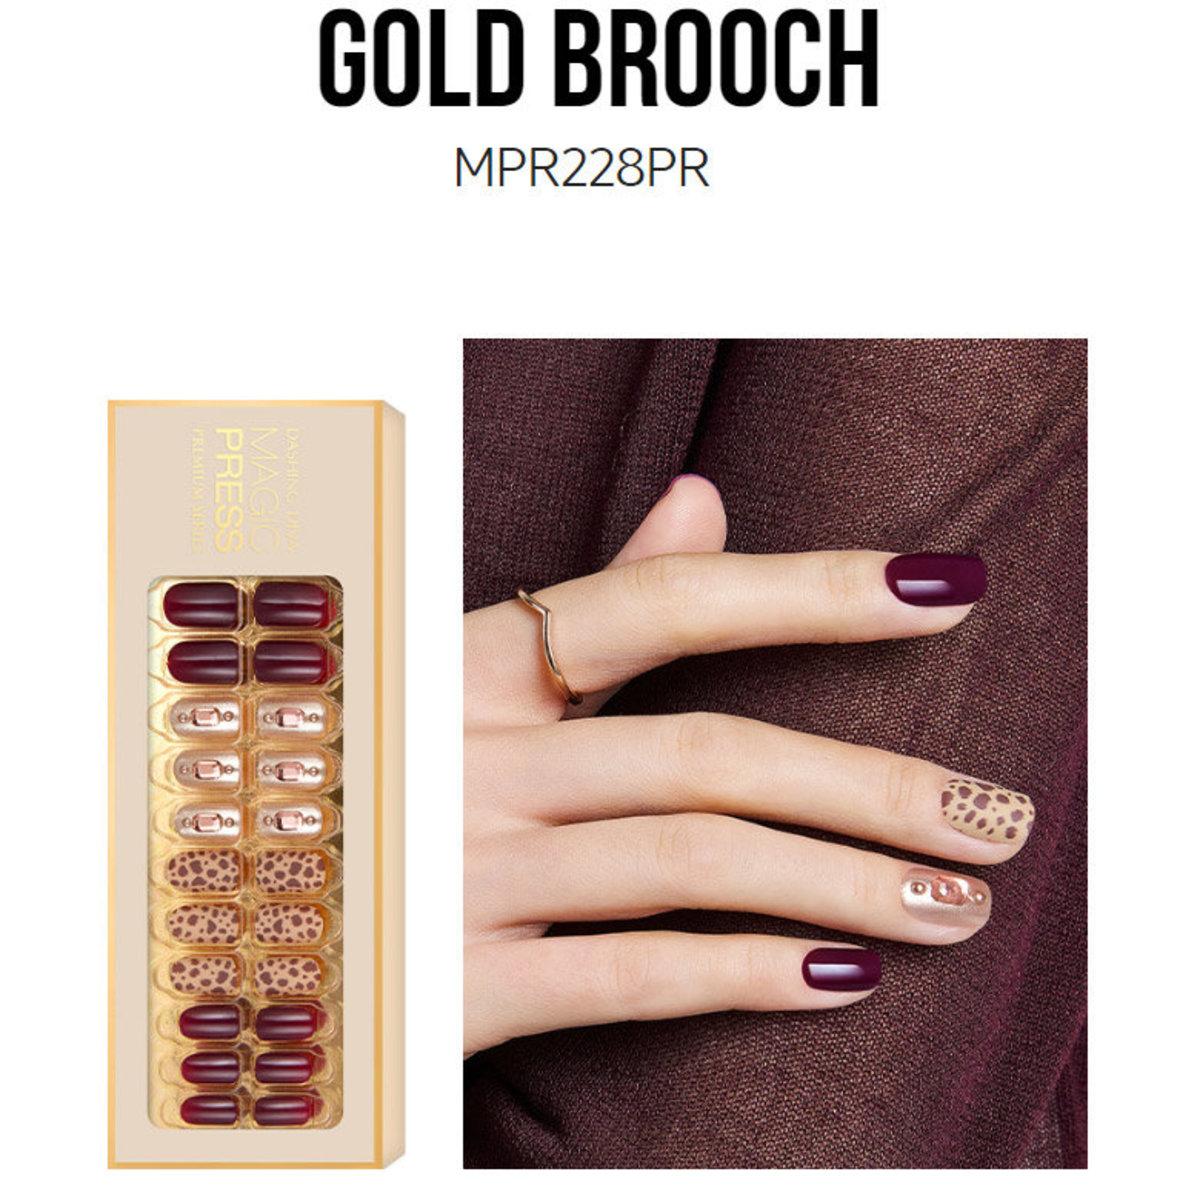 Magic Press MPR228PR Premium Super Slim Fit - MAKE A MOOD FALL (Limited Edition 2019) Gold Brooch